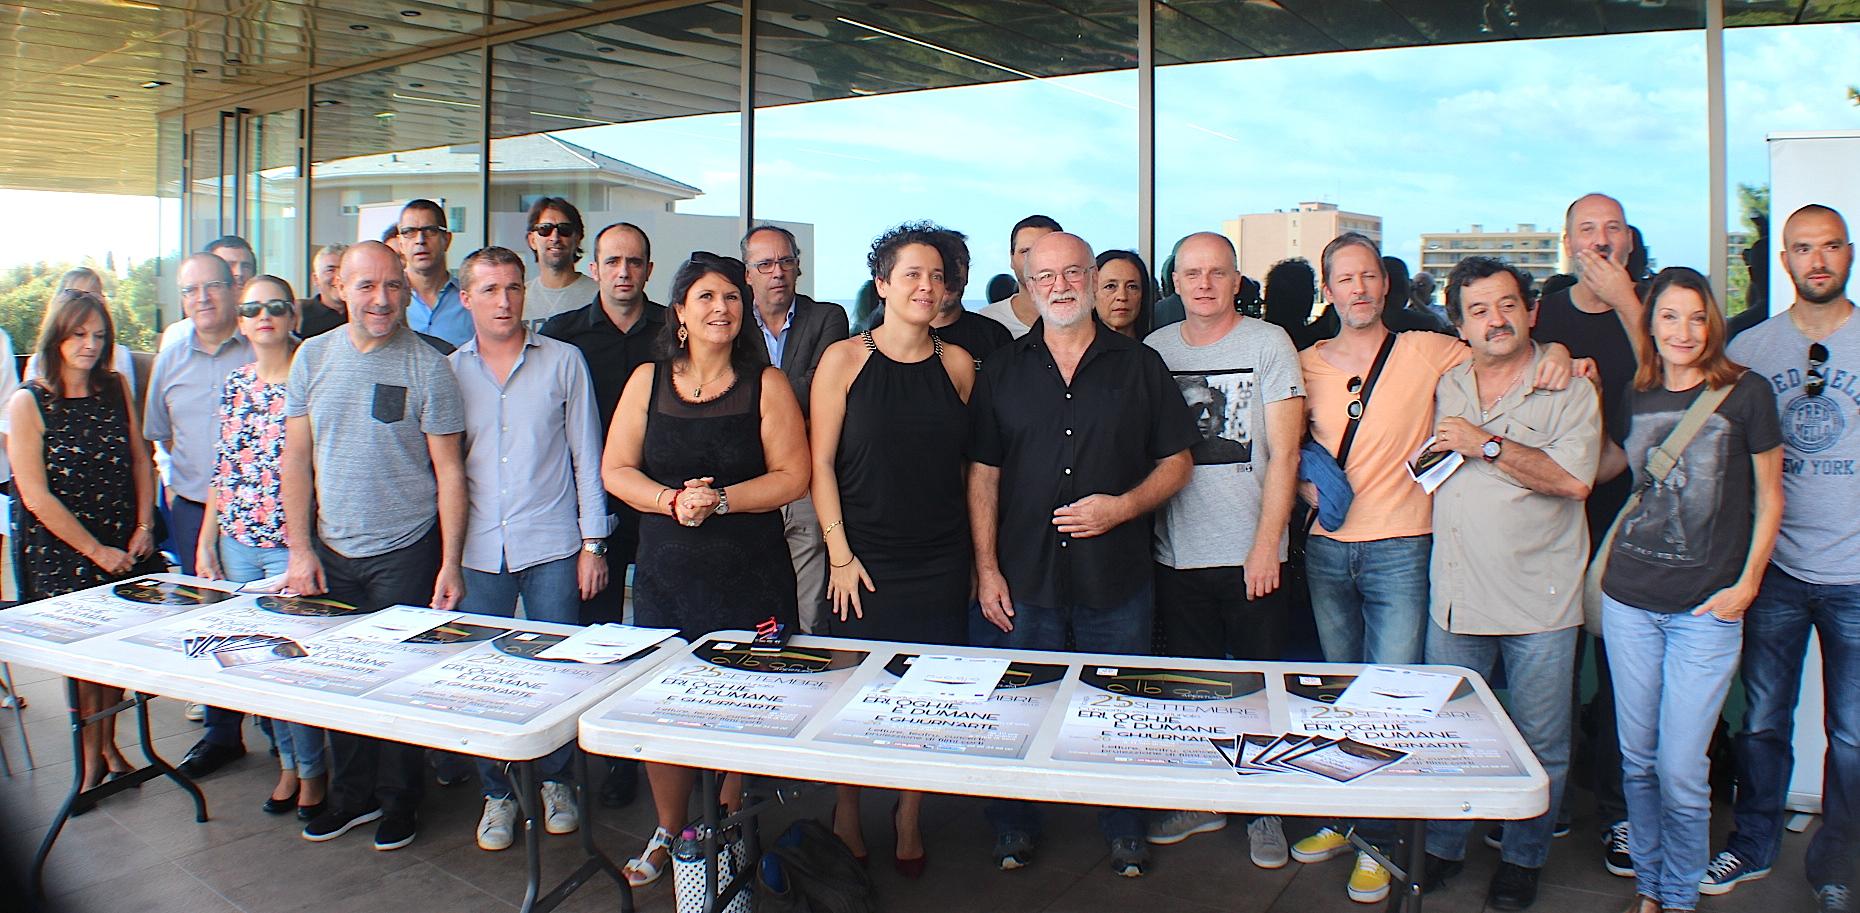 Bastia : Trois jours de fête pour l'ouverture de l'Alb'Oru